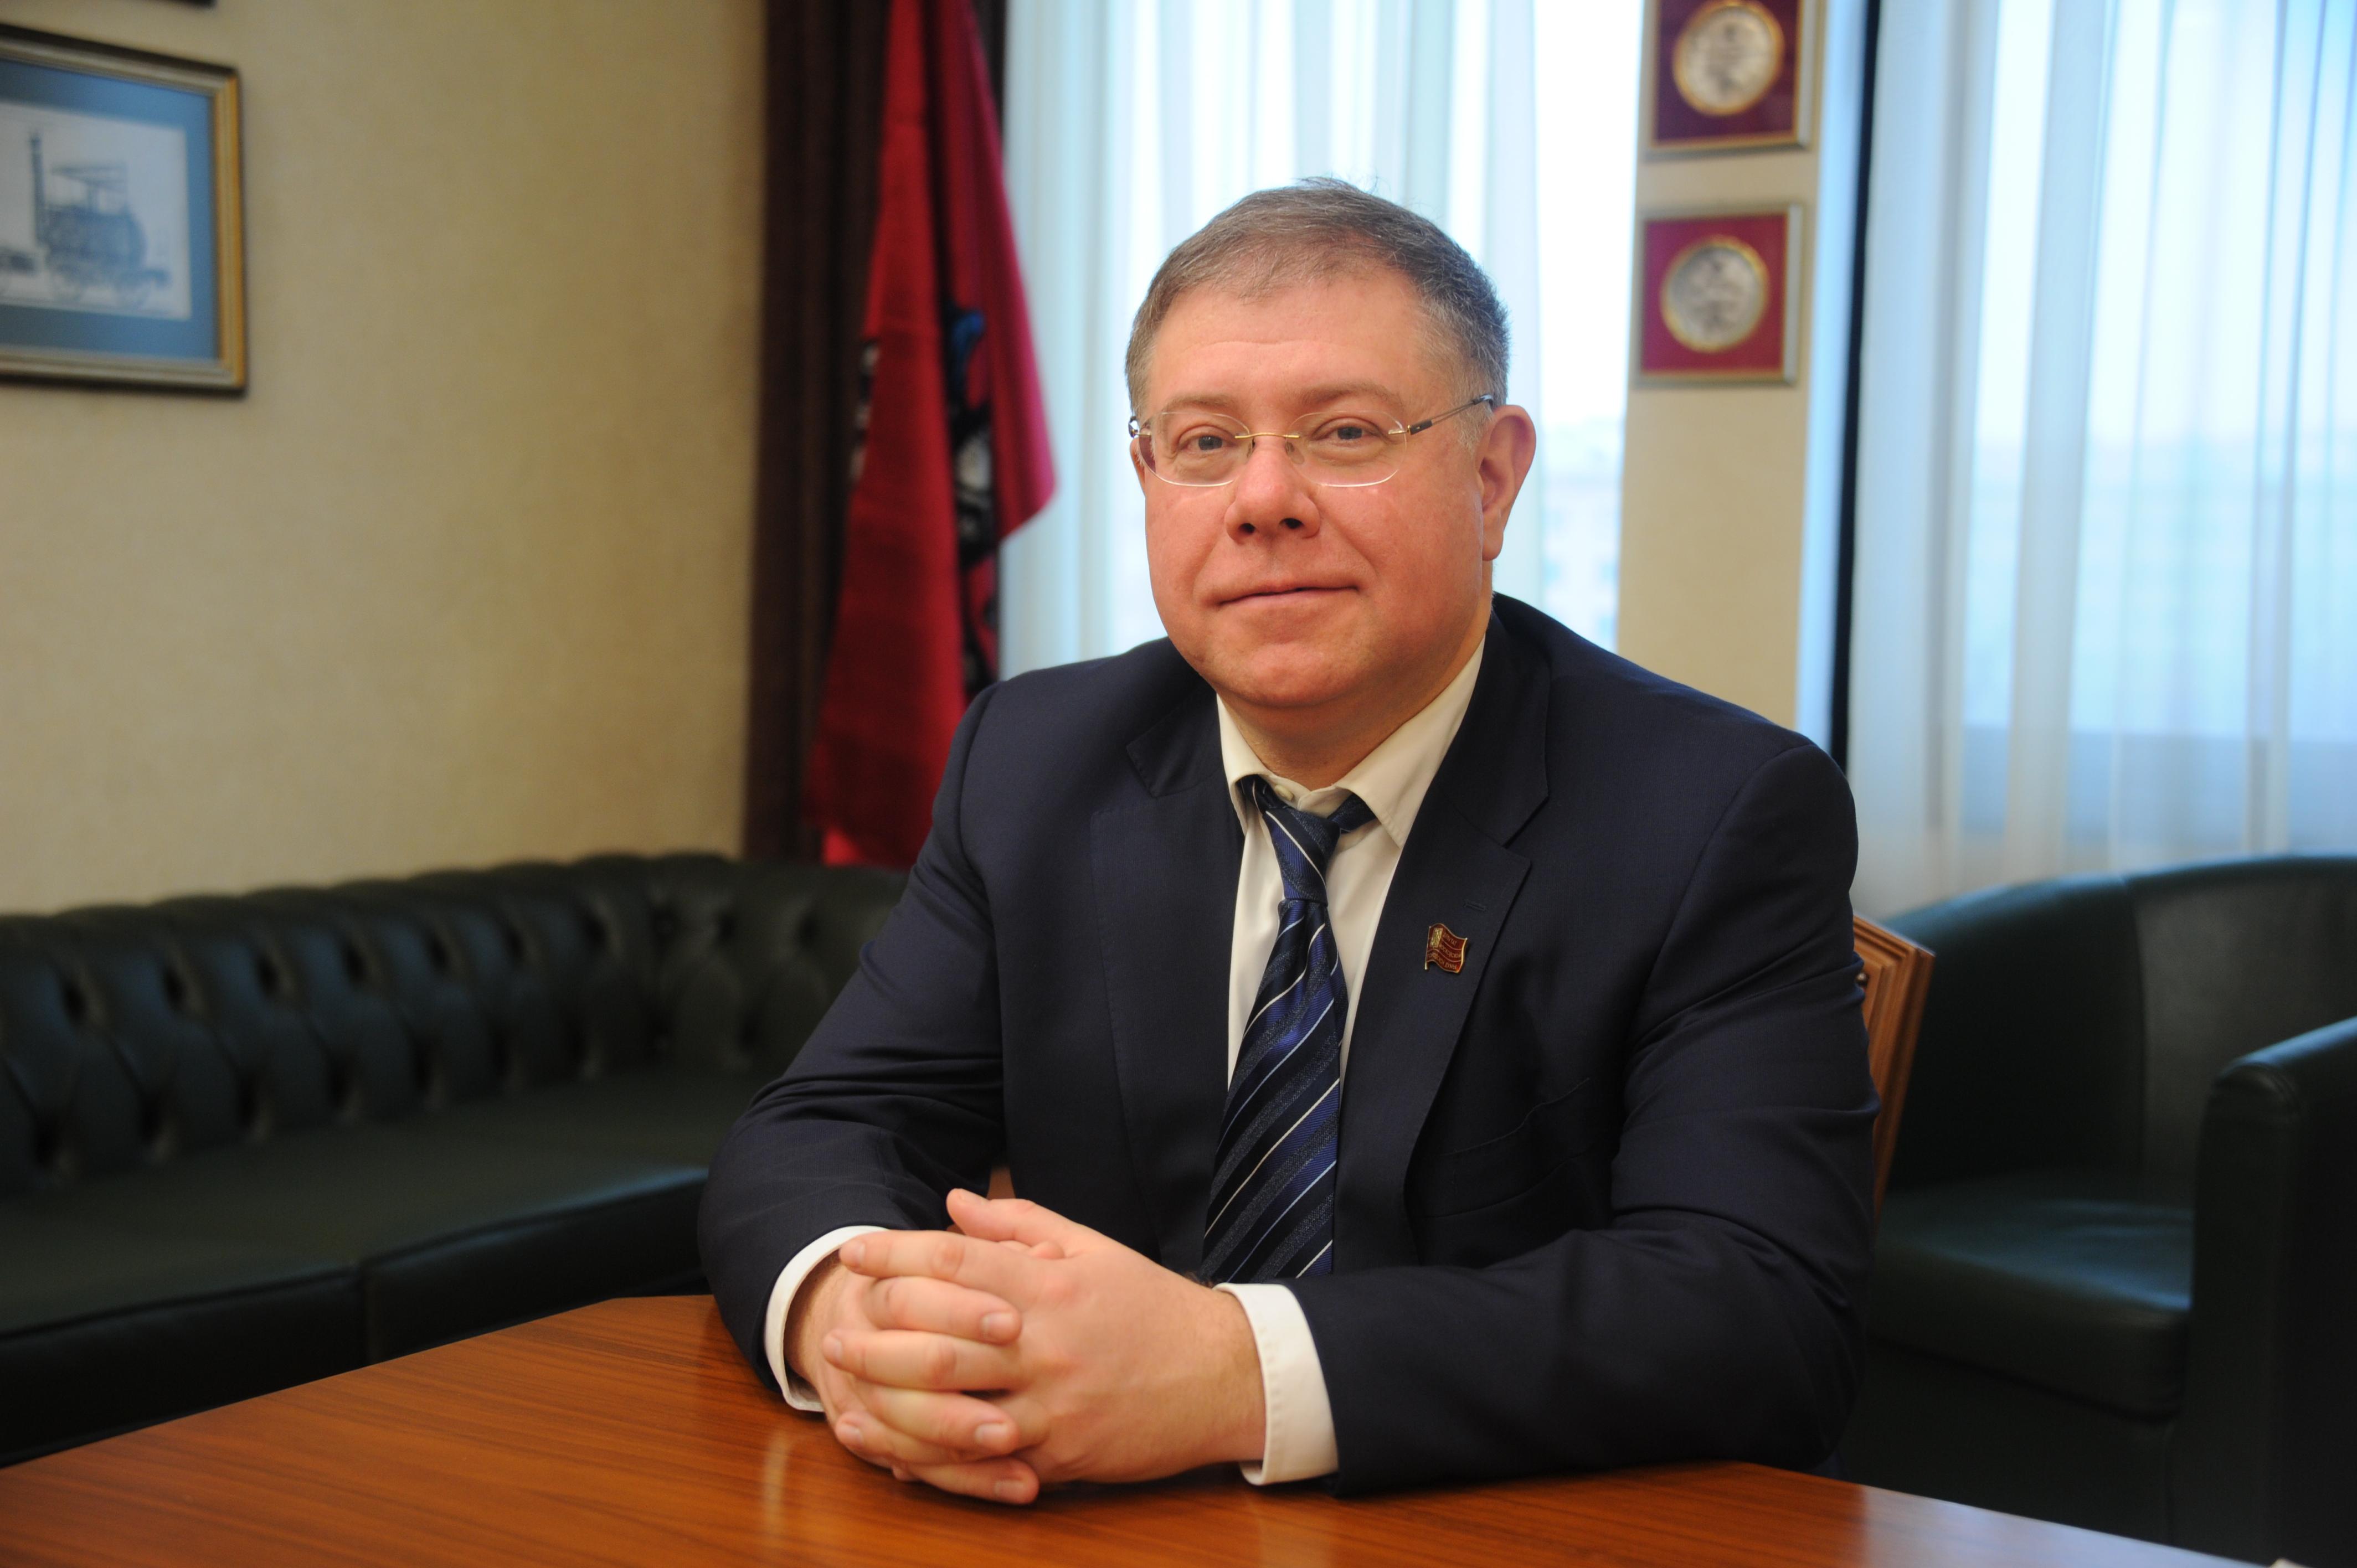 Депутат МГД Степан Орлов положительно оценил решение продлить программу льготной ипотеки